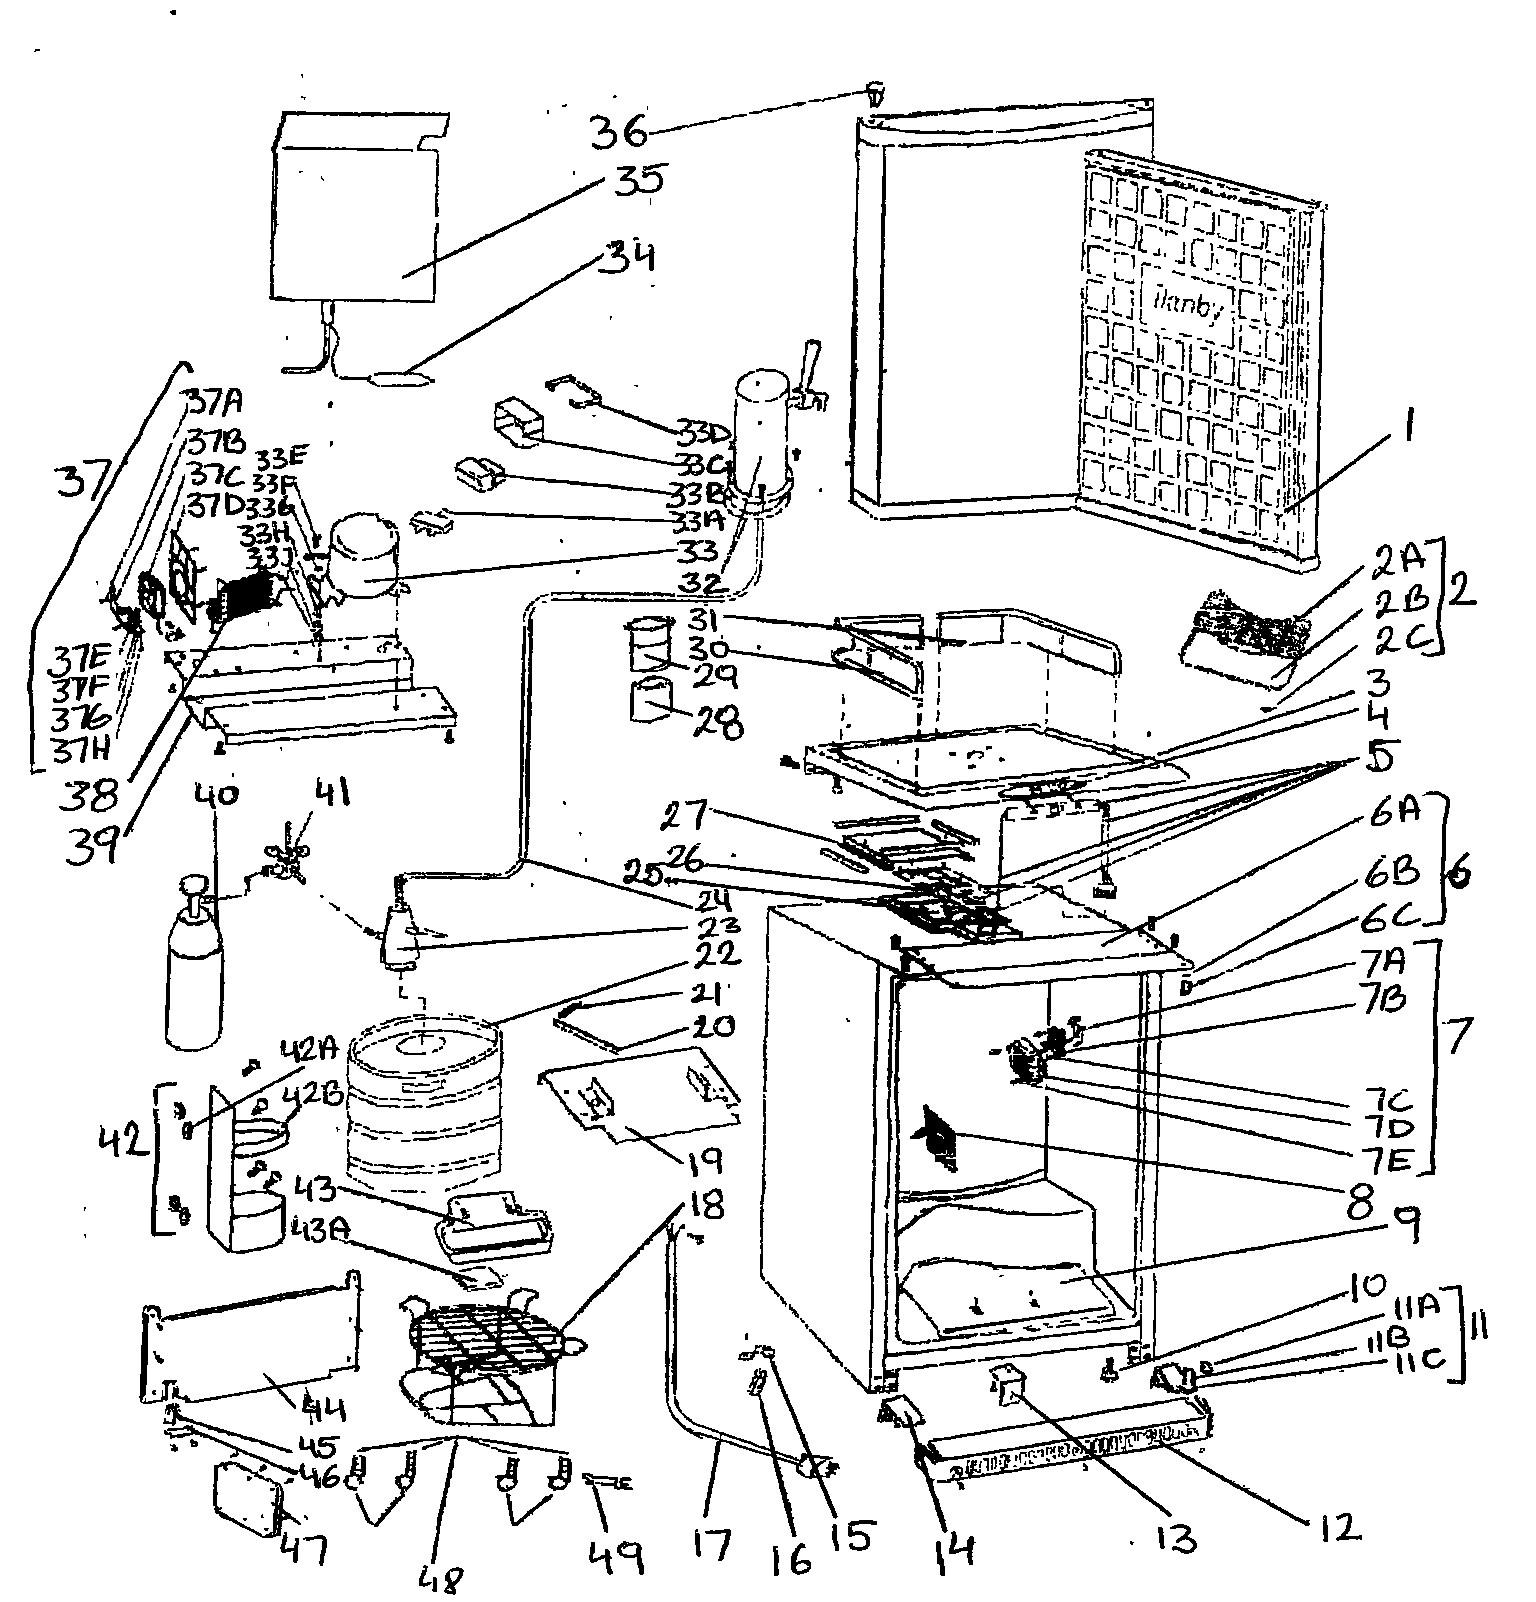 Danby Kegerator Parts Diagram Looking for Danby Model Dkc644bls Wine & Beverage Cooler Repair